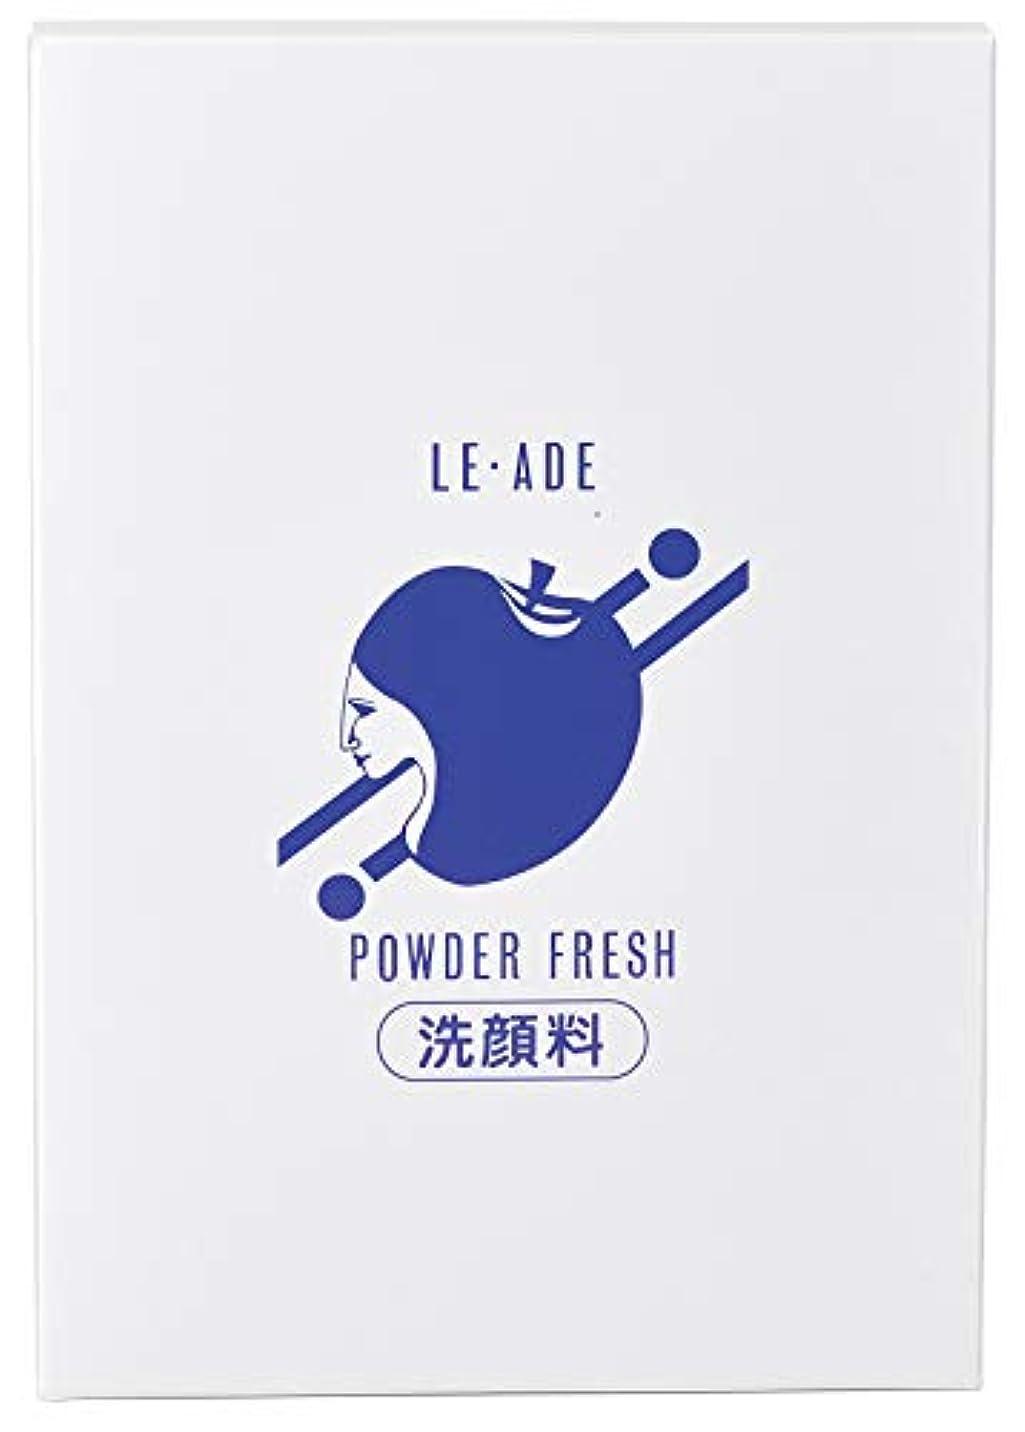 のり医薬心からル?アド 天然 酵素 洗顔料 パウダー フレッシュ 67g×3袋(201g 詰替用 大容量 徳用)